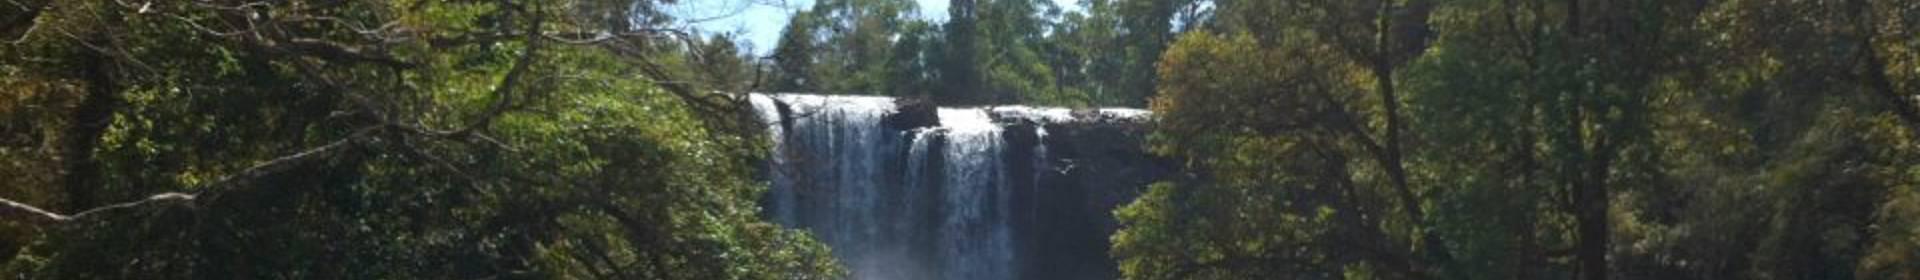 Cascade Bou Sraa